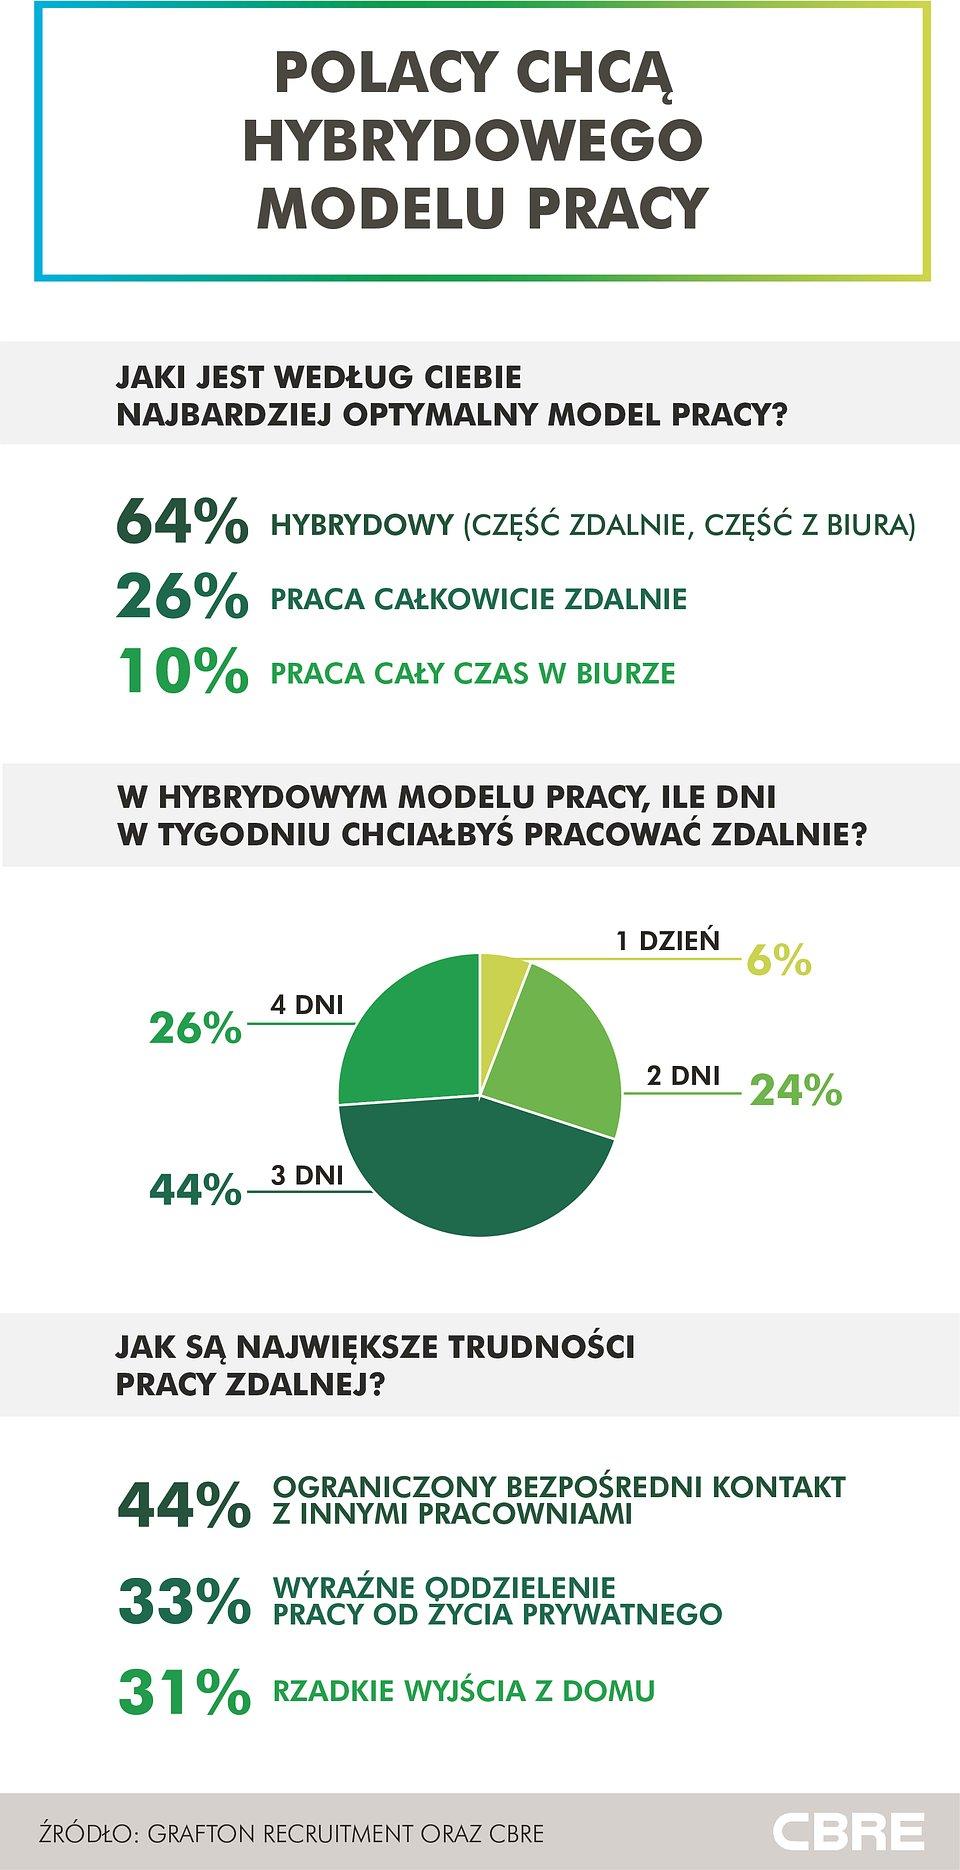 CBRE_infografika_hybrydowy model pracy.jpg